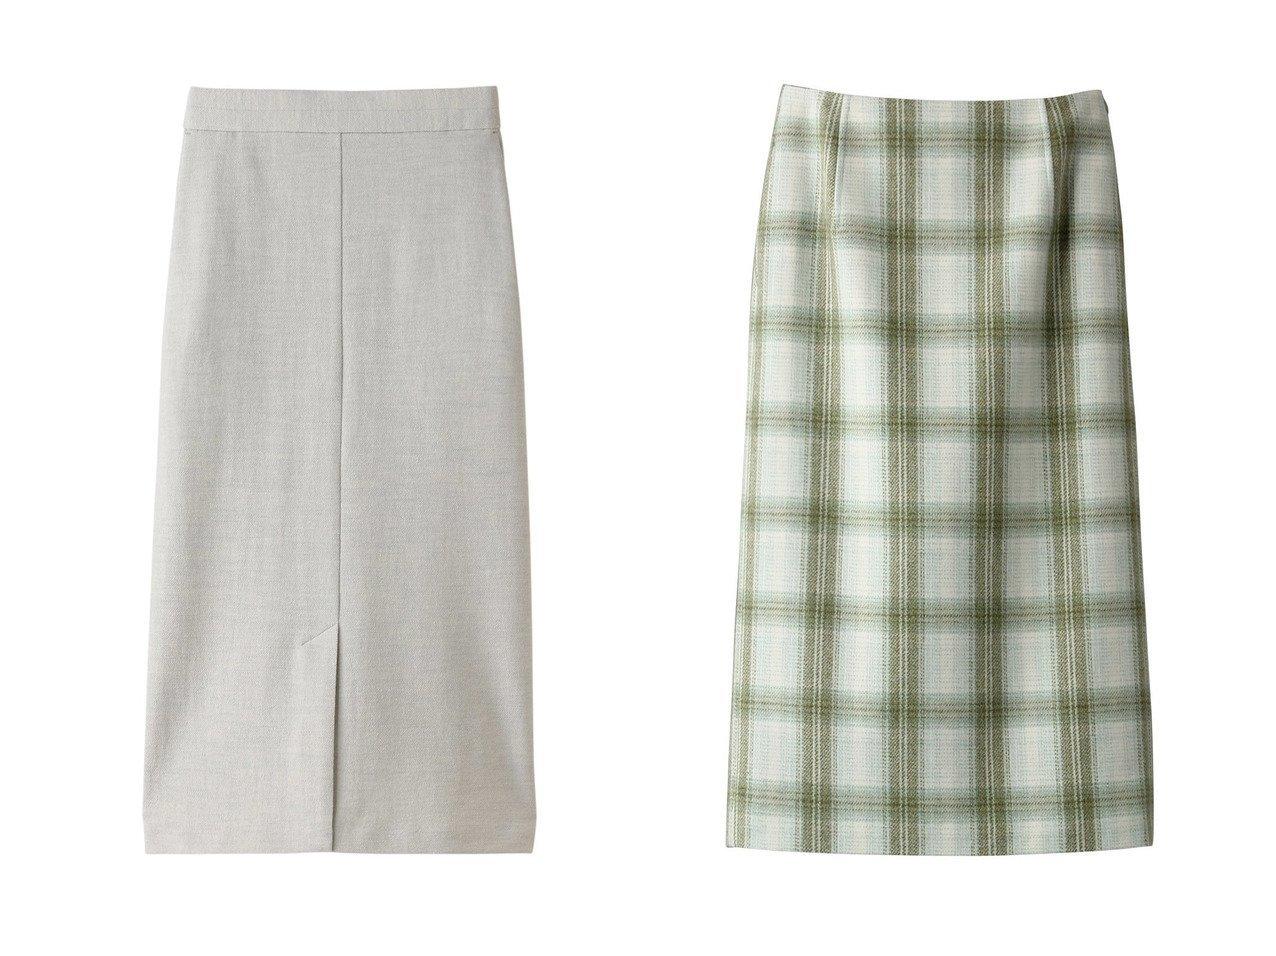 【Chaos/カオス】のCRツイルジャージースカート&【BLAMINK/ブラミンク】のウールチェックタイトスカート スカートのおすすめ!人気、レディースファッションの通販 おすすめで人気のファッション通販商品 インテリア・家具・キッズファッション・メンズファッション・レディースファッション・服の通販 founy(ファニー) https://founy.com/ ファッション Fashion レディース WOMEN スカート Skirt ロングスカート Long Skirt ロング 人気 カットソー タートルネック チェック |ID:crp329100000001185